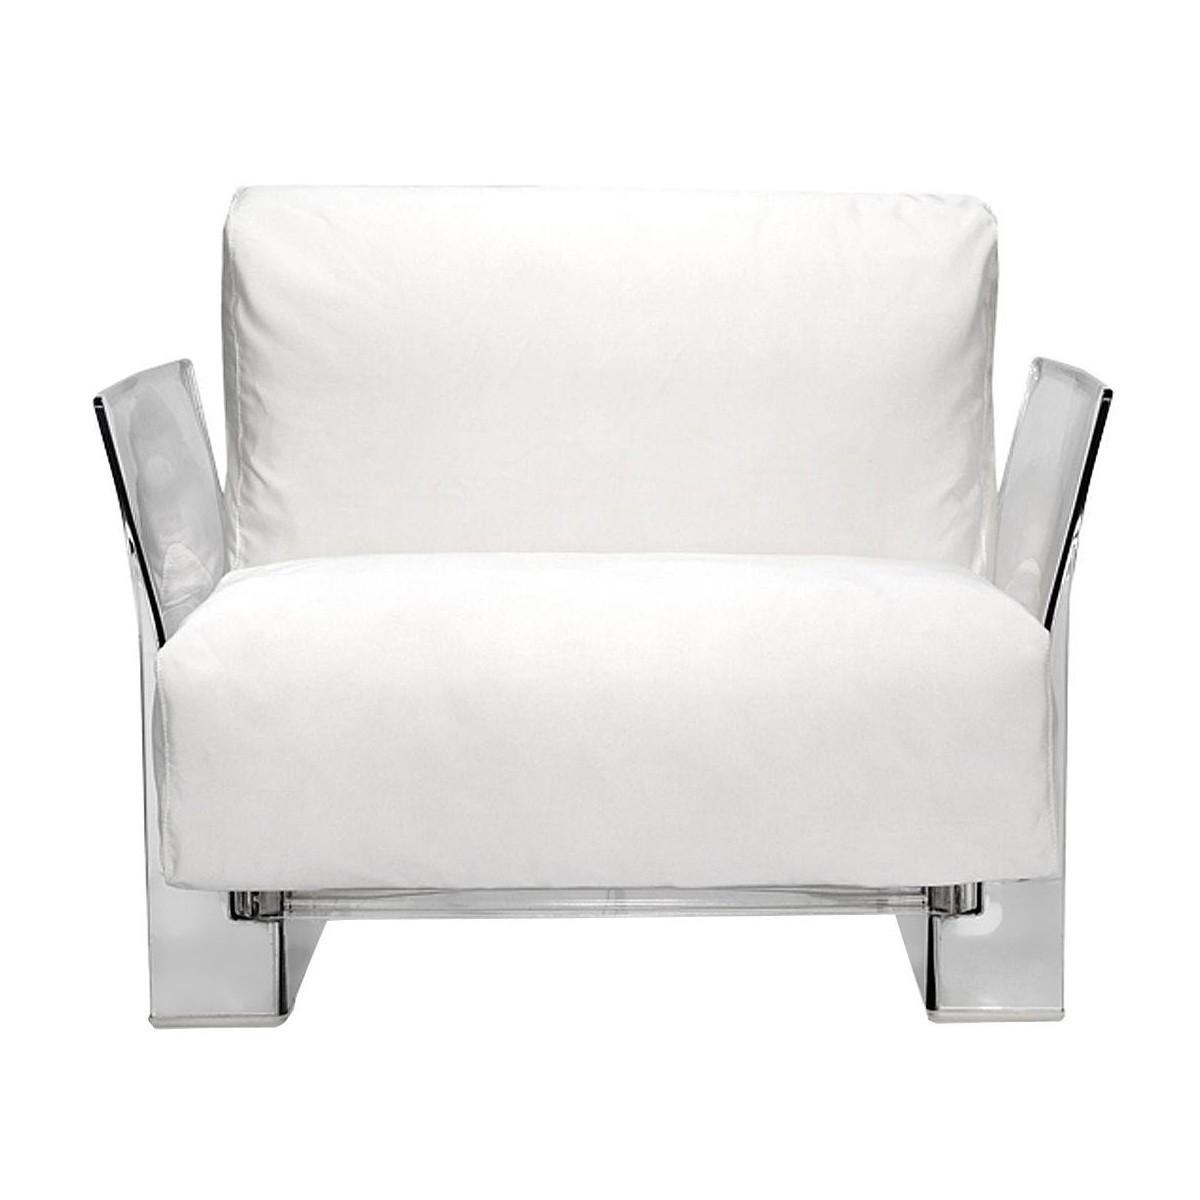 Full Size of Outdoor Sofa Wetterfest Ikea Lounge Couch Kartell Pop Sessel Ambientedirect Big Sam Bunt Ausziehbar 3 Sitzer Antik Hersteller Copperfield 2 1 Xxl Günstig Poco Wohnzimmer Outdoor Sofa Wetterfest